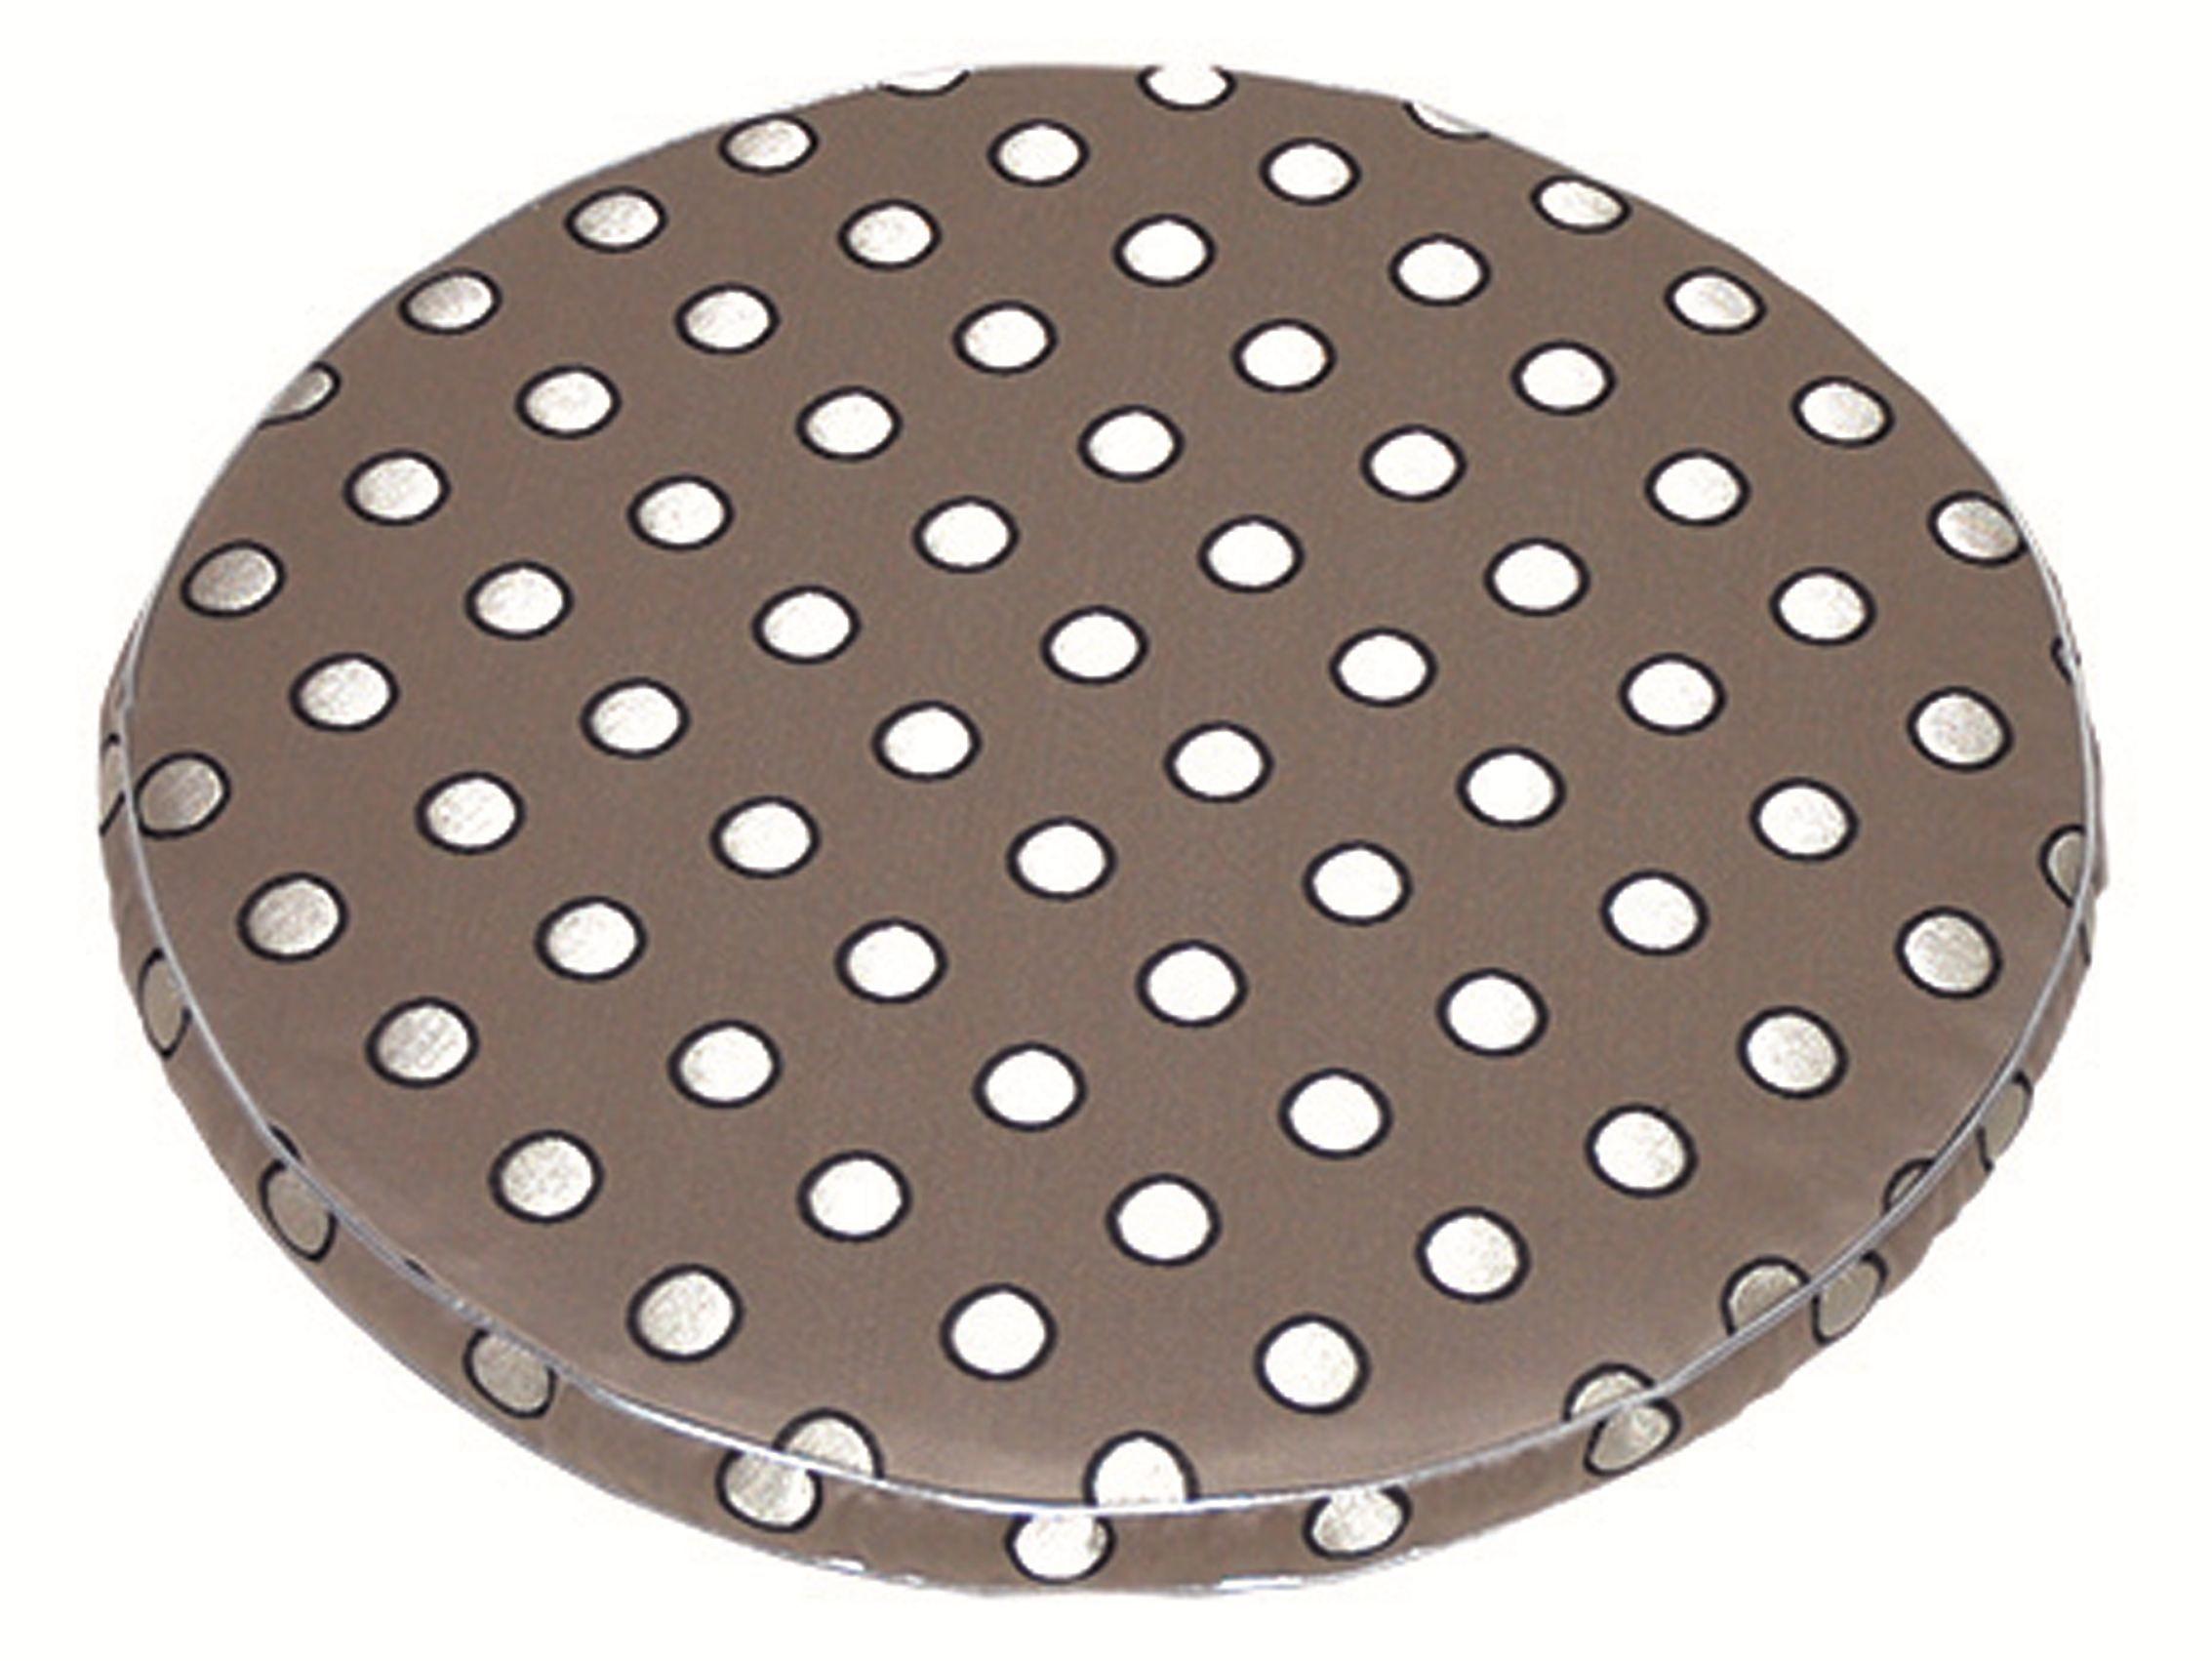 Cuscino rotondo per sedie gallette by lelievre design jean for Cuscini sedie rotondi